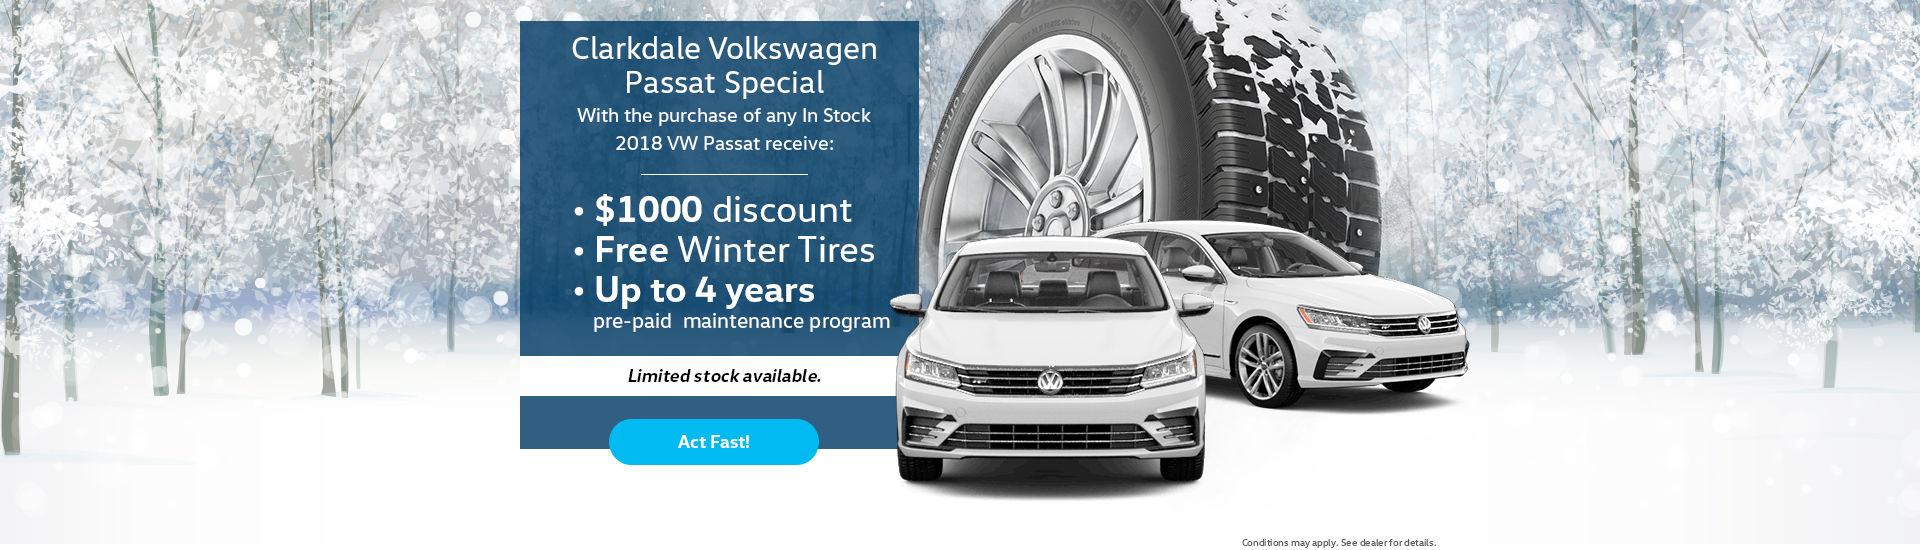 Clarkdale Volkswagen Passat Special